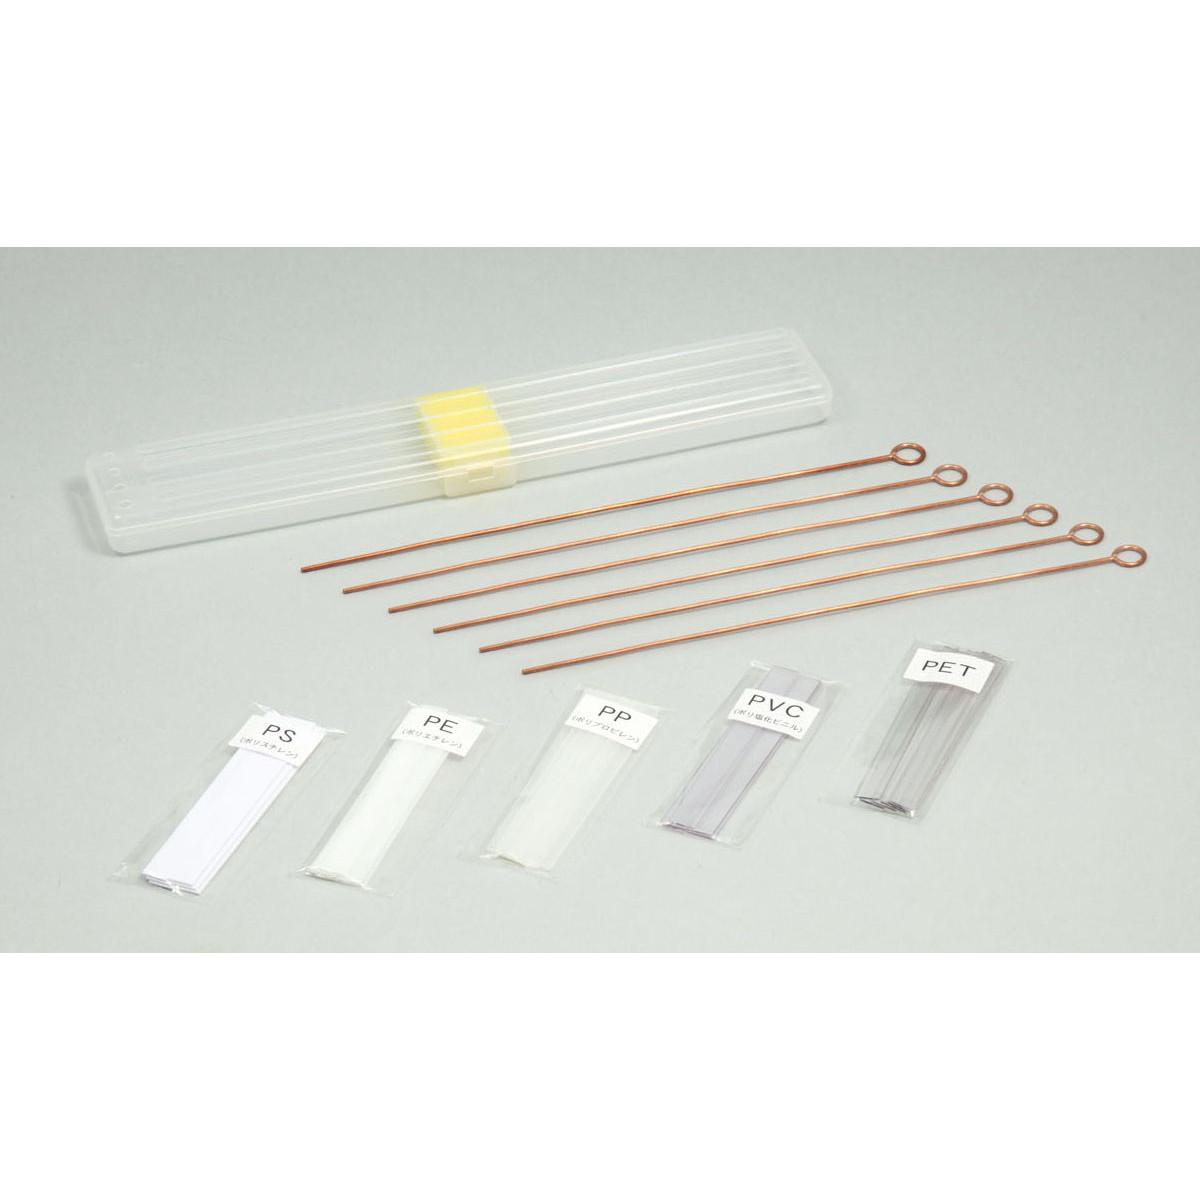 Artec(アーテック) プラスチックの性質実験セット12セット #94002【送料無料】